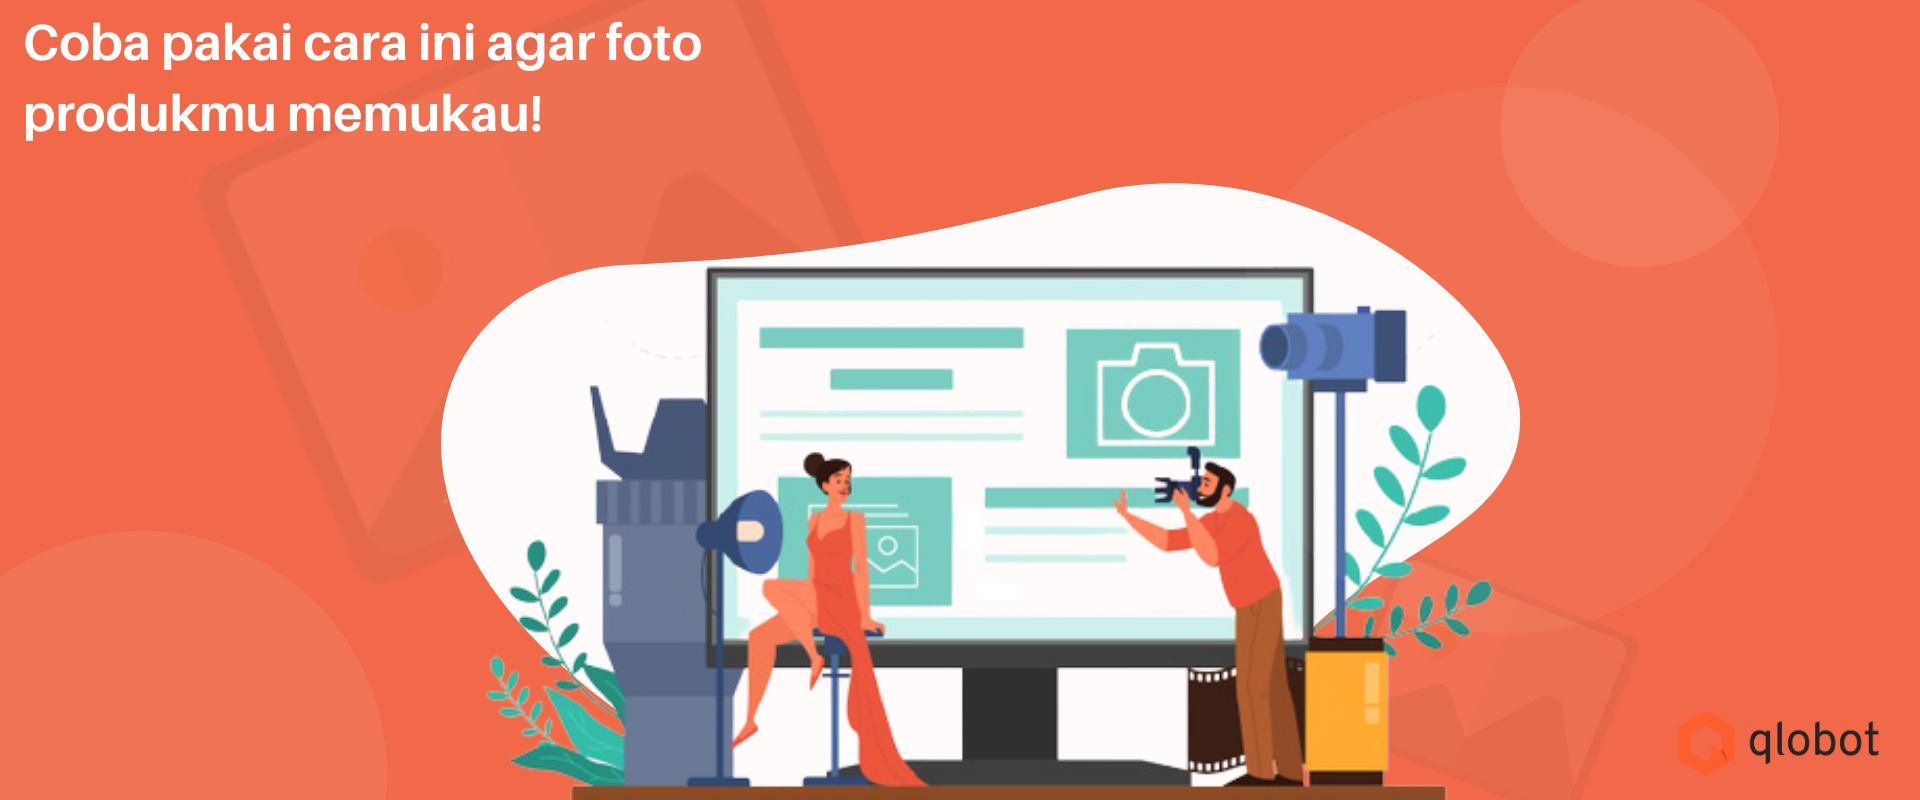 Coba pakai cara ini agar foto produkmu memukau!